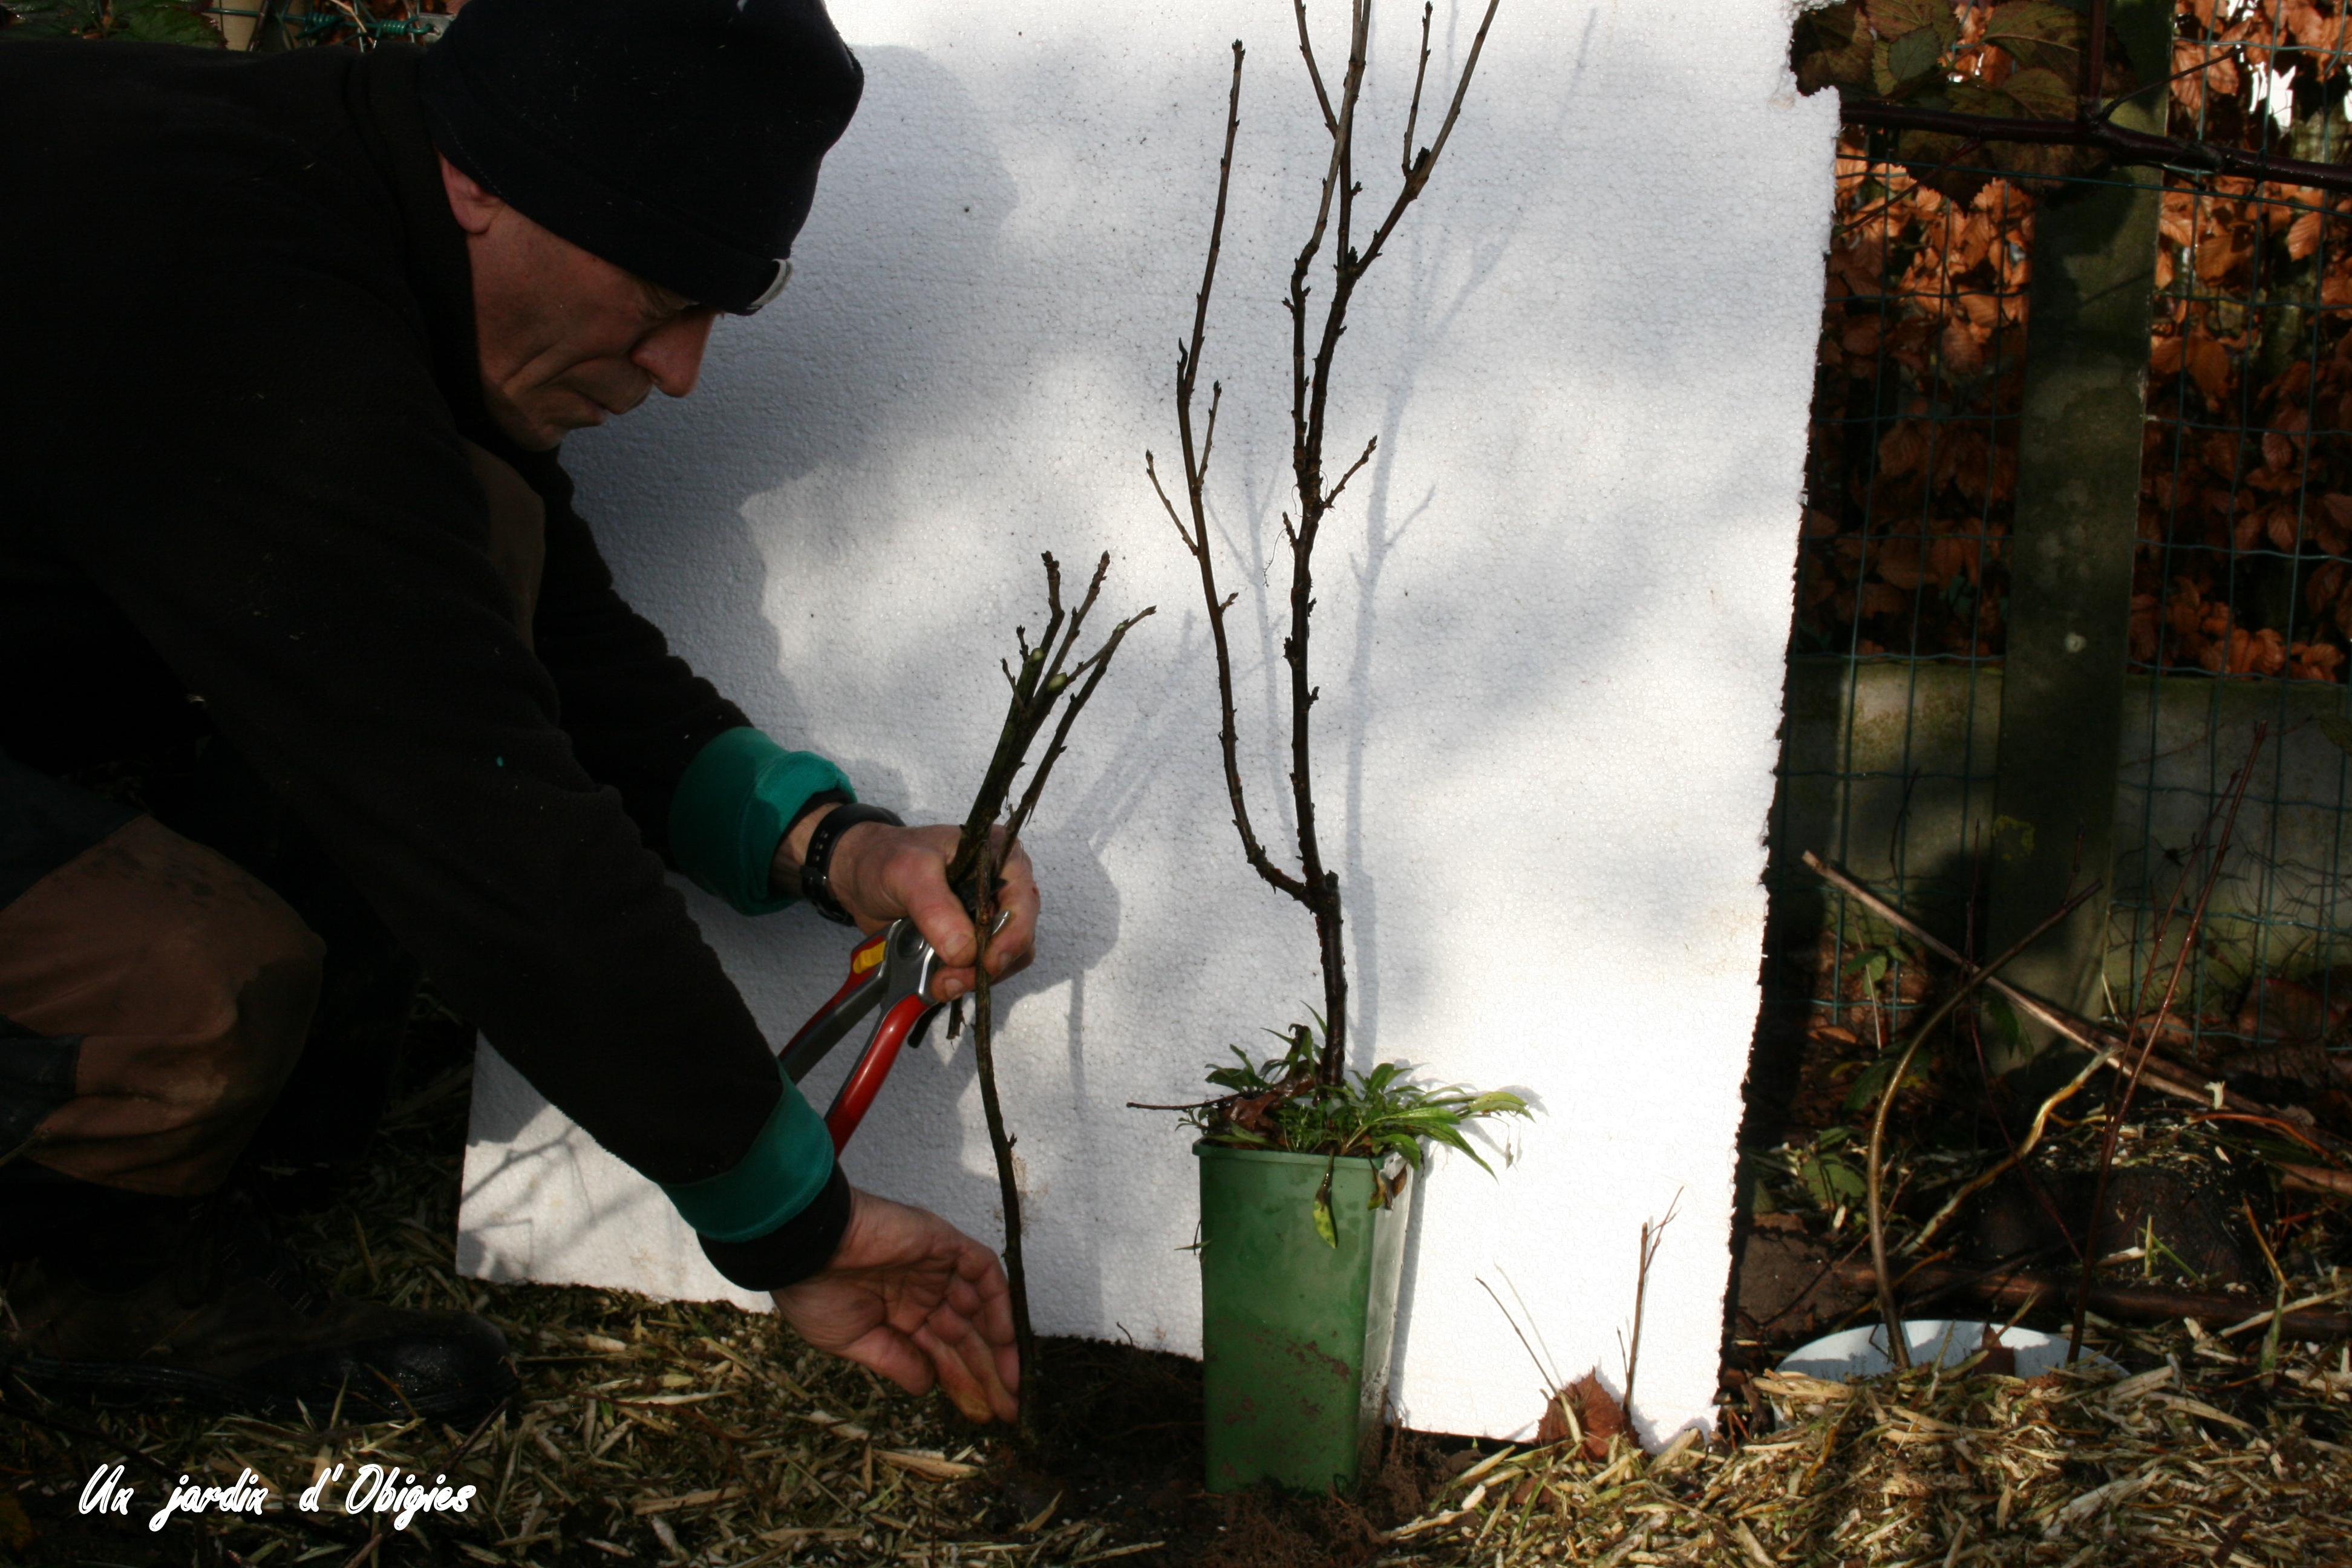 Bouturage d' une jeune branche de groseillier dans un jardin d' Obigies